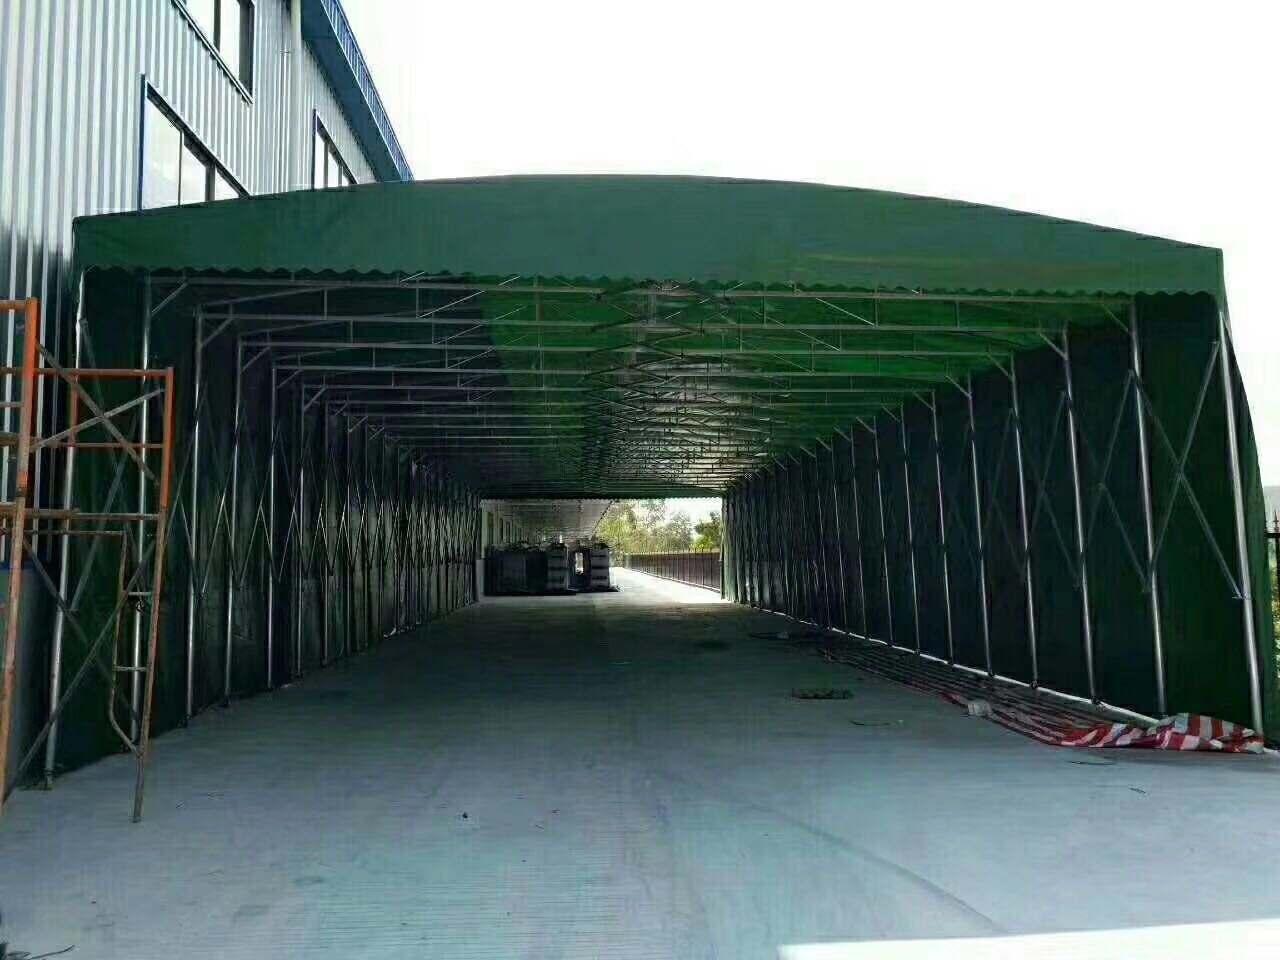 江苏活动推拉棚 徐州膜结构看台 南通膜结构充电桩价格优惠